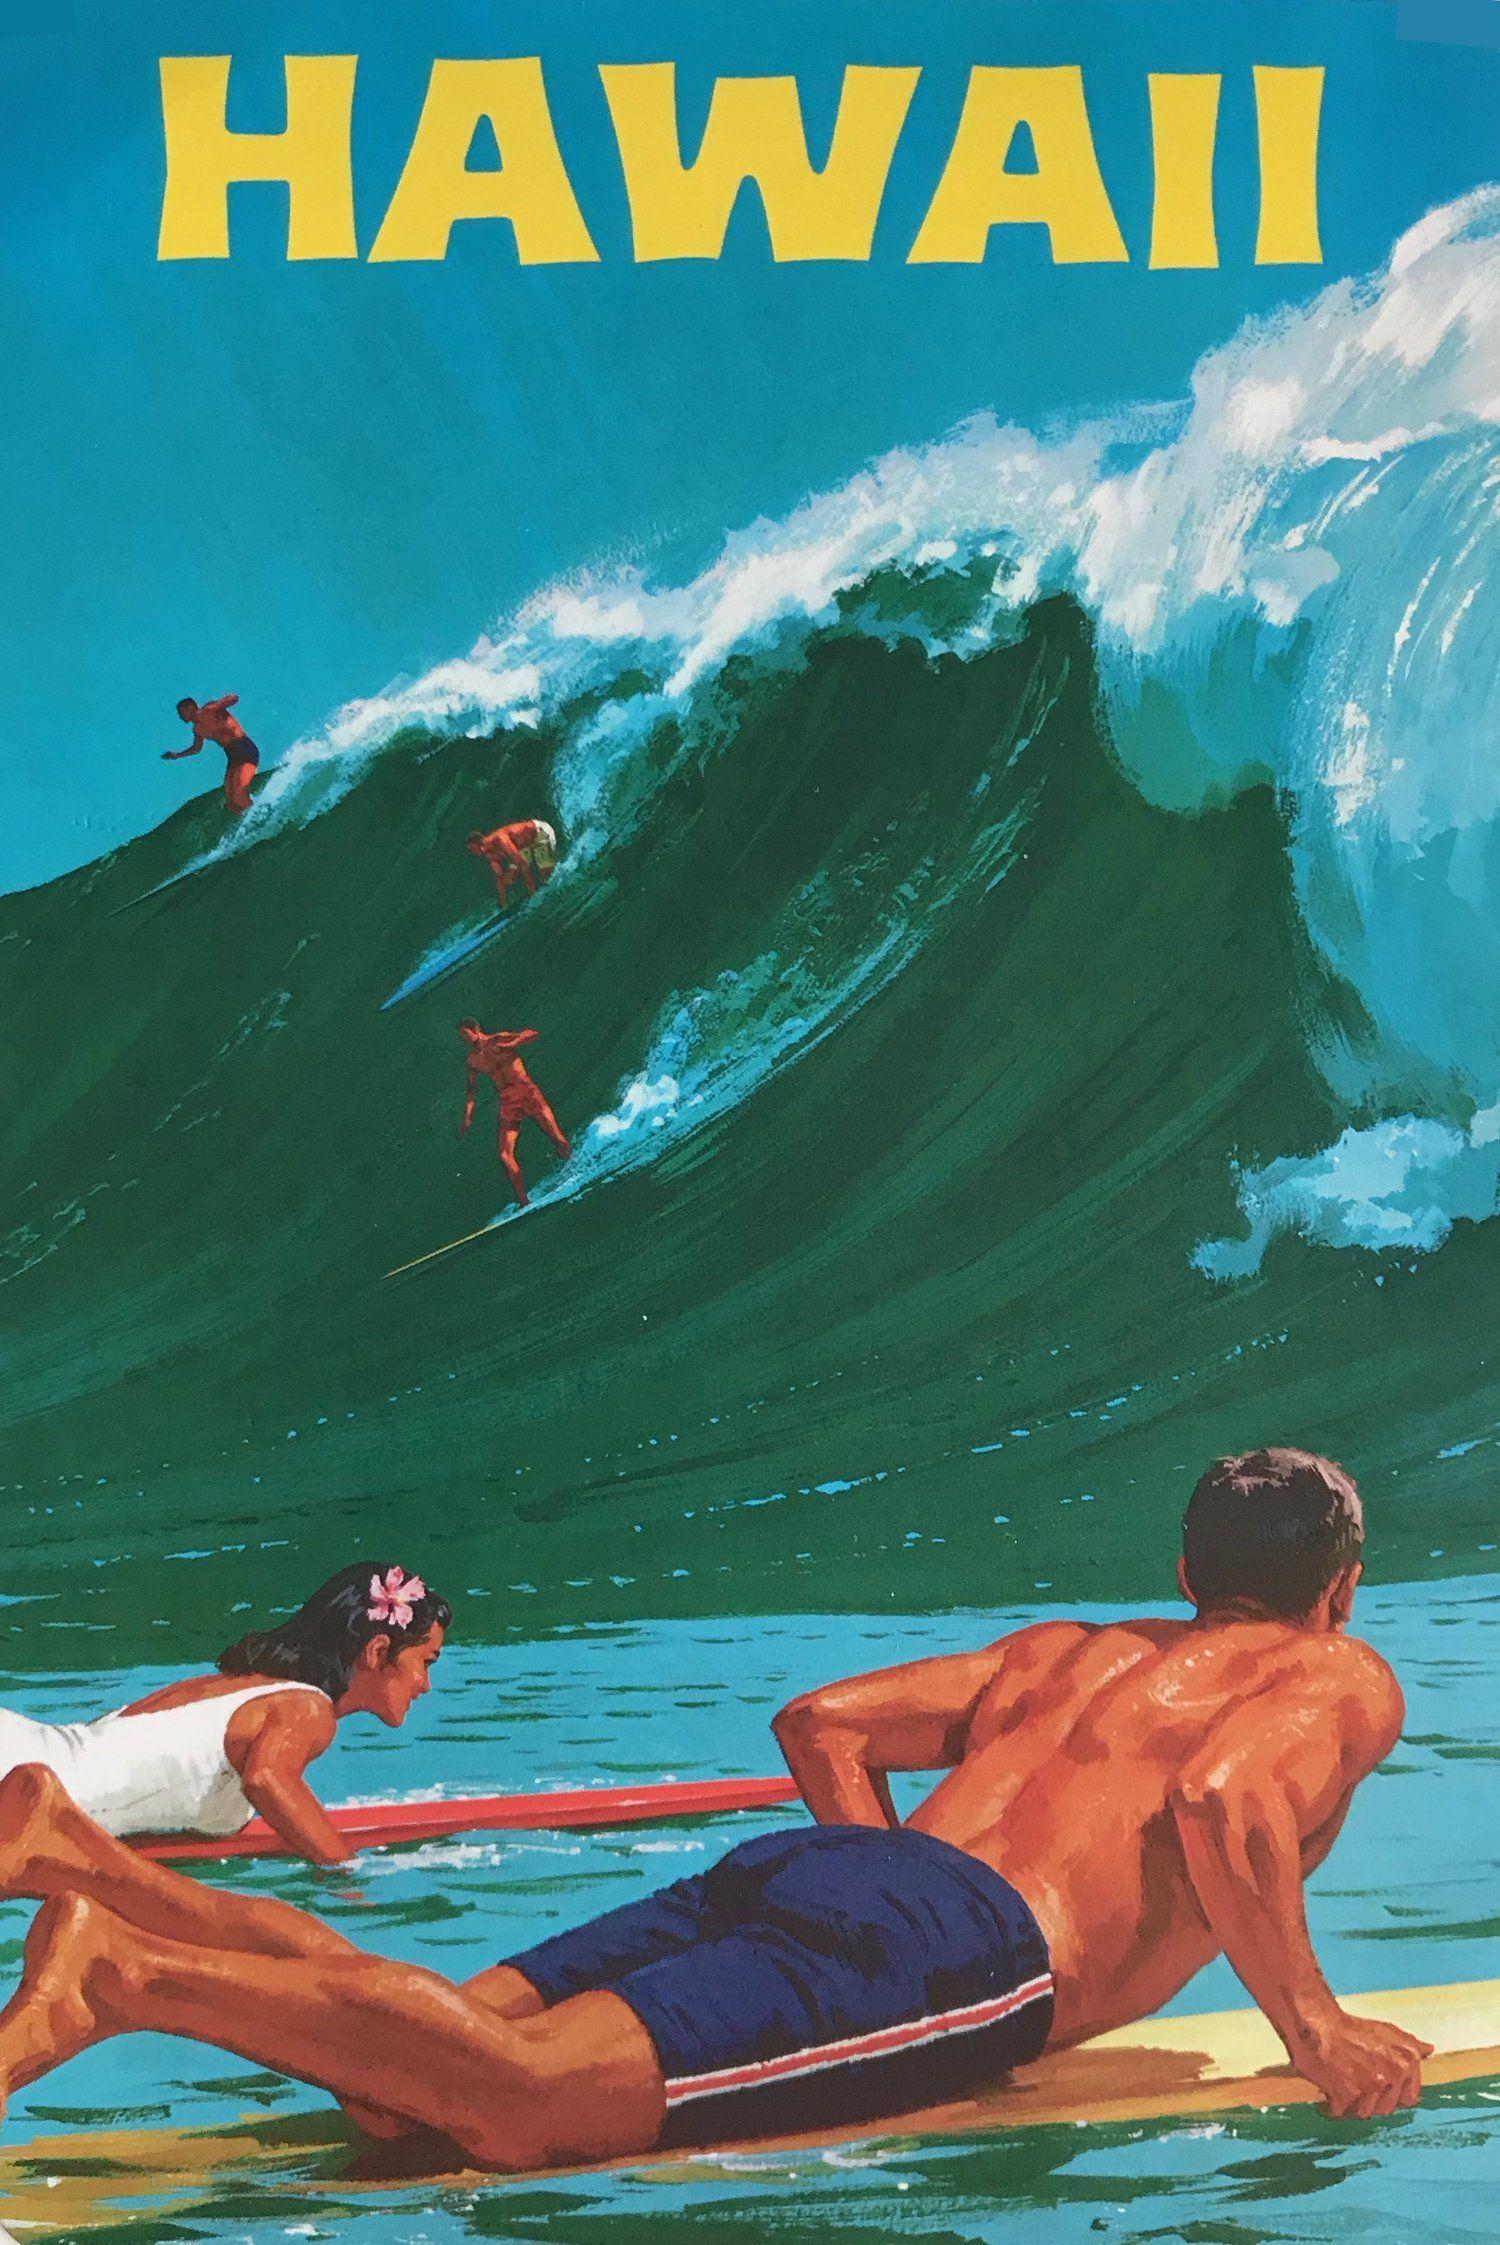 9 Vintage Hawaii Reiseplakate (die Sie dazu bringen werden, Ihre Taschen zu packen!) - The Anthrotorian -  Vintage Hawaii Reiseplakate  - #Anthrotorian #bringen #dazu #die #Hawaii #Ihre #Packen #Reiseplakate #Sie #Taschen #travelposter #Vintage #werden